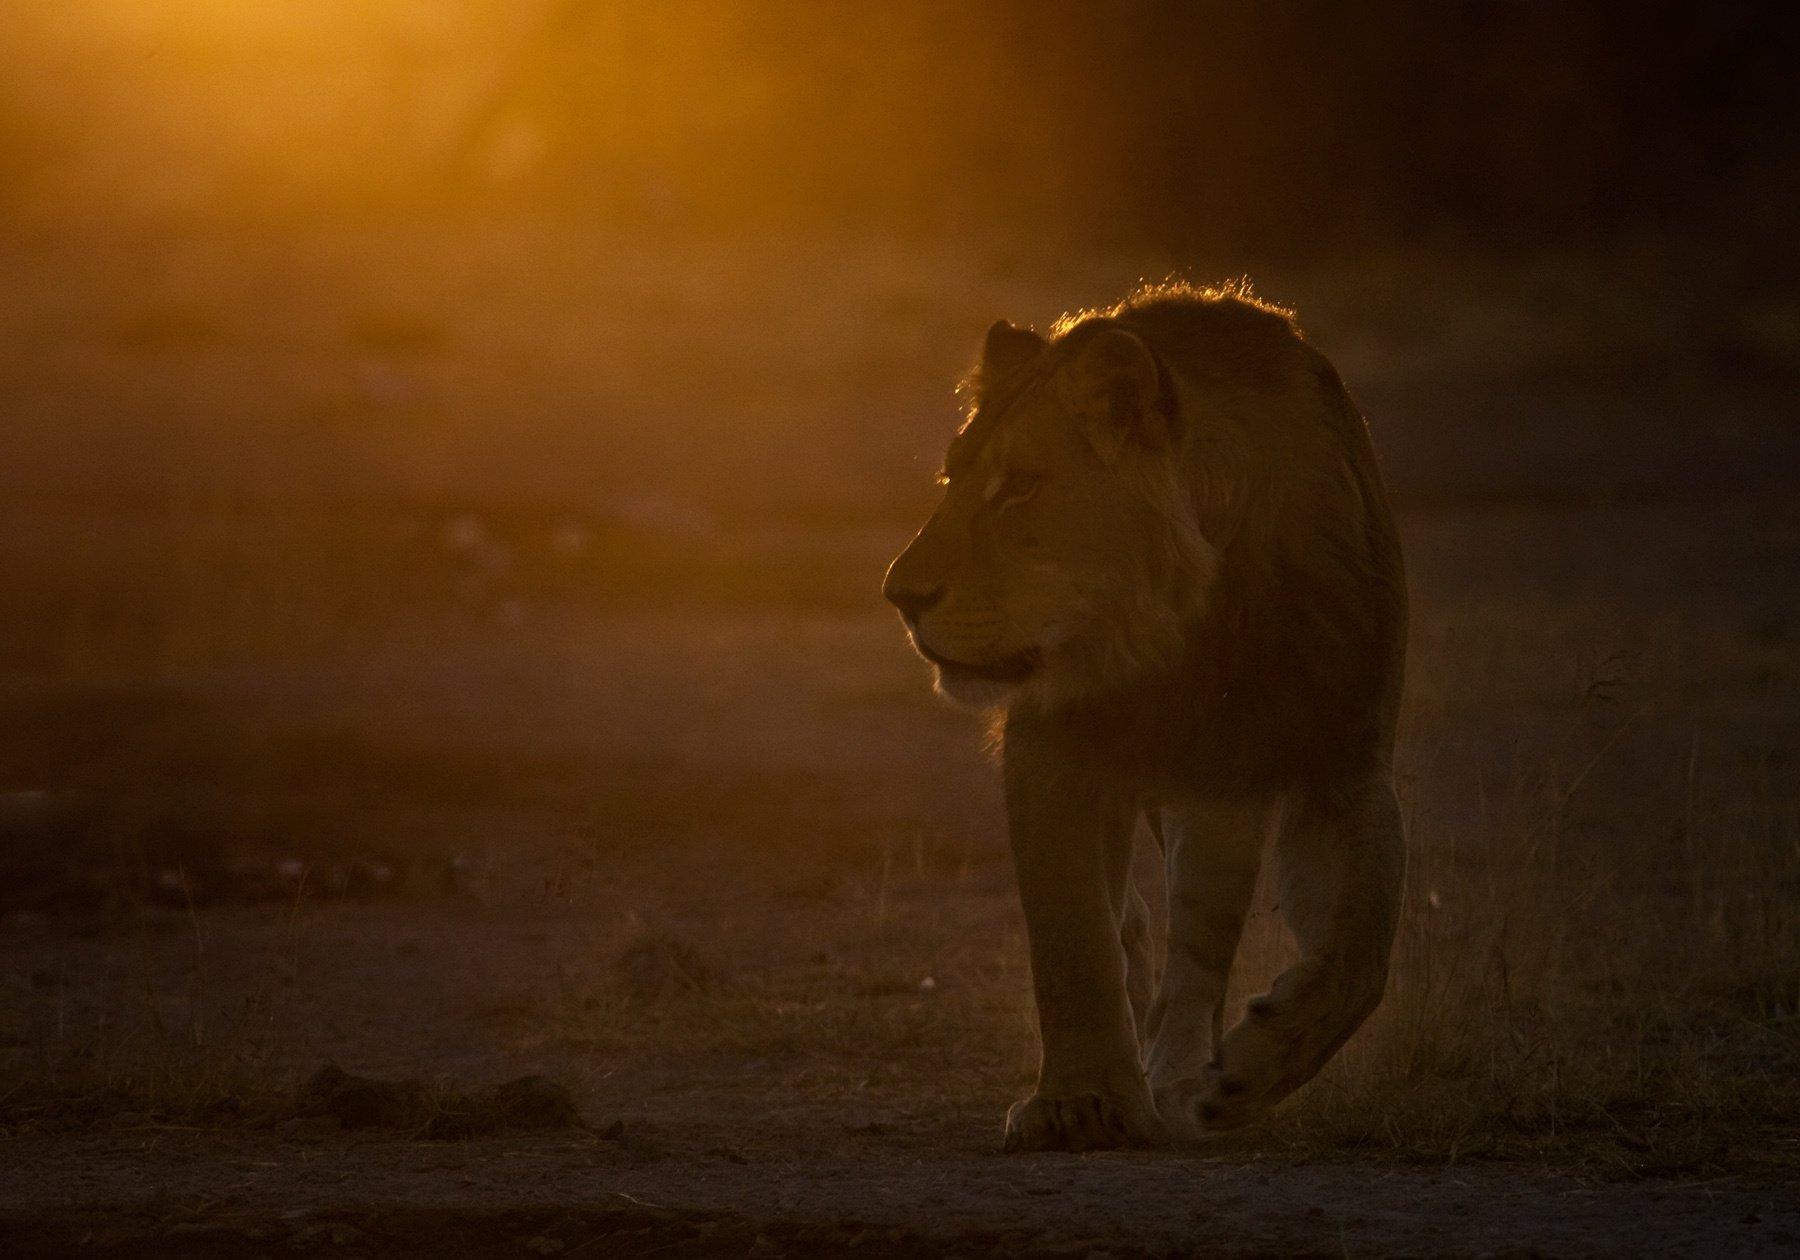 намибия,лев, сергей иванов ,дикая природа, африка, Сергей Иванов